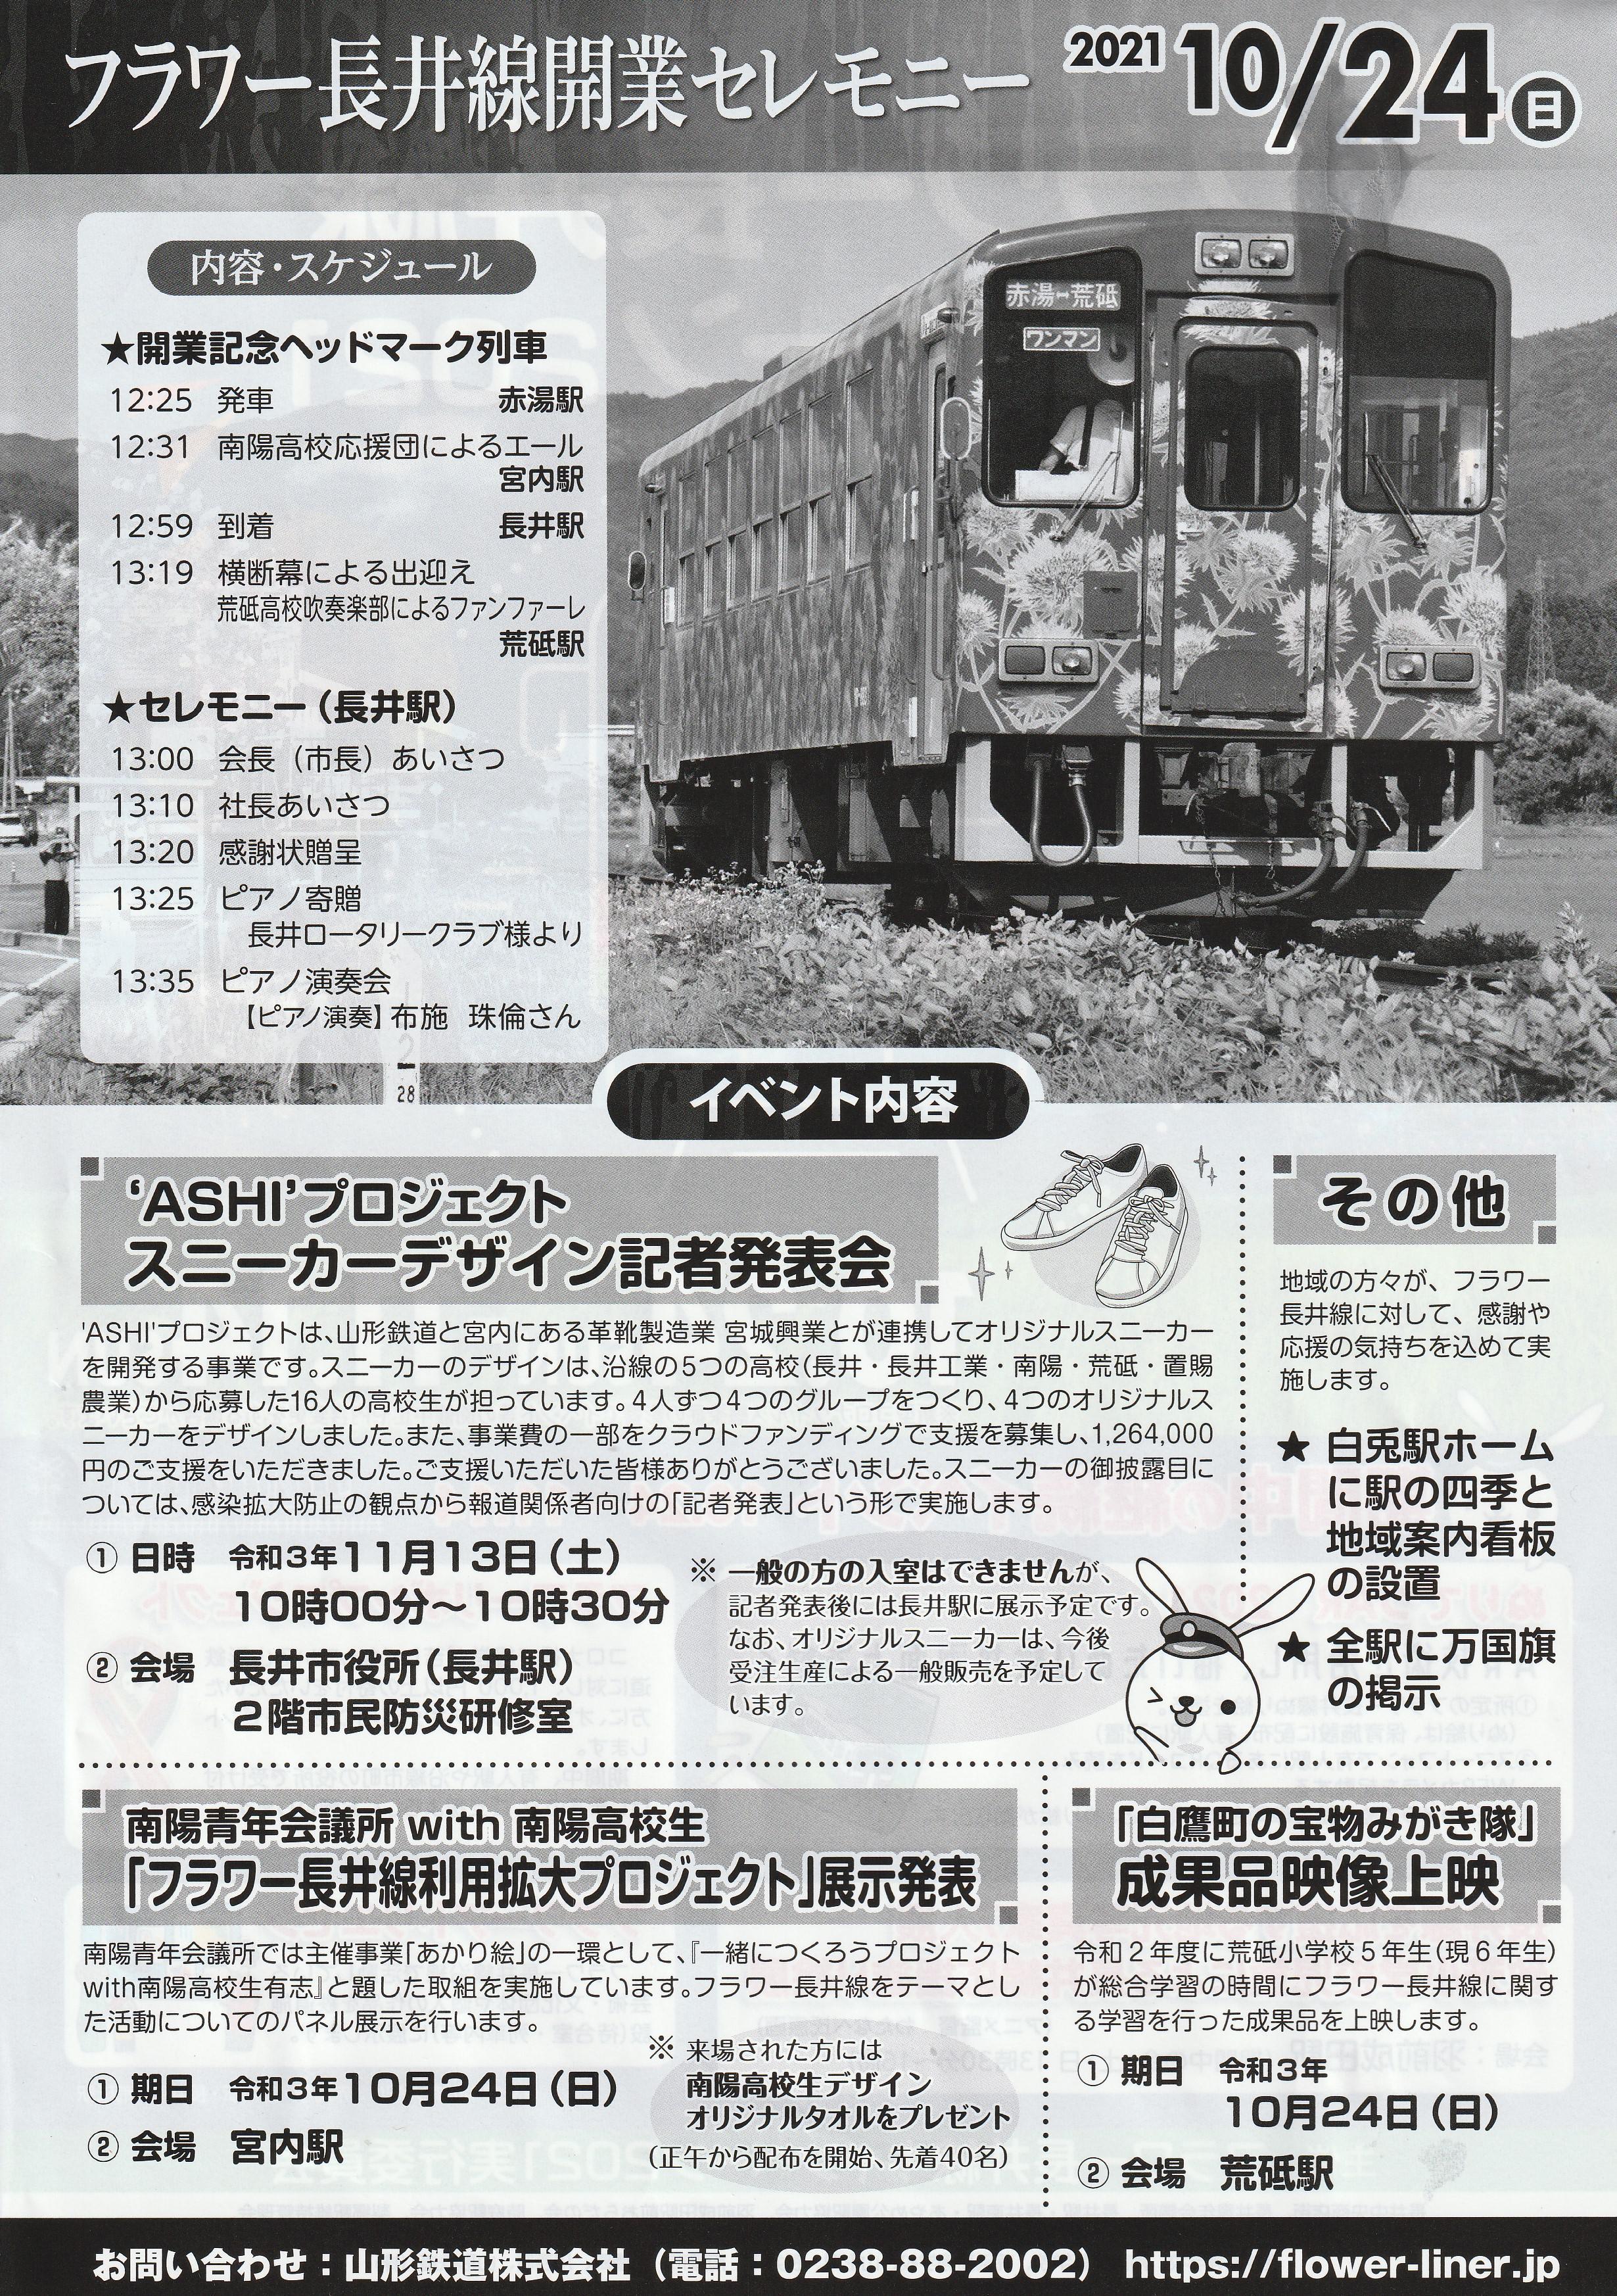 長井線祭りの広報発表